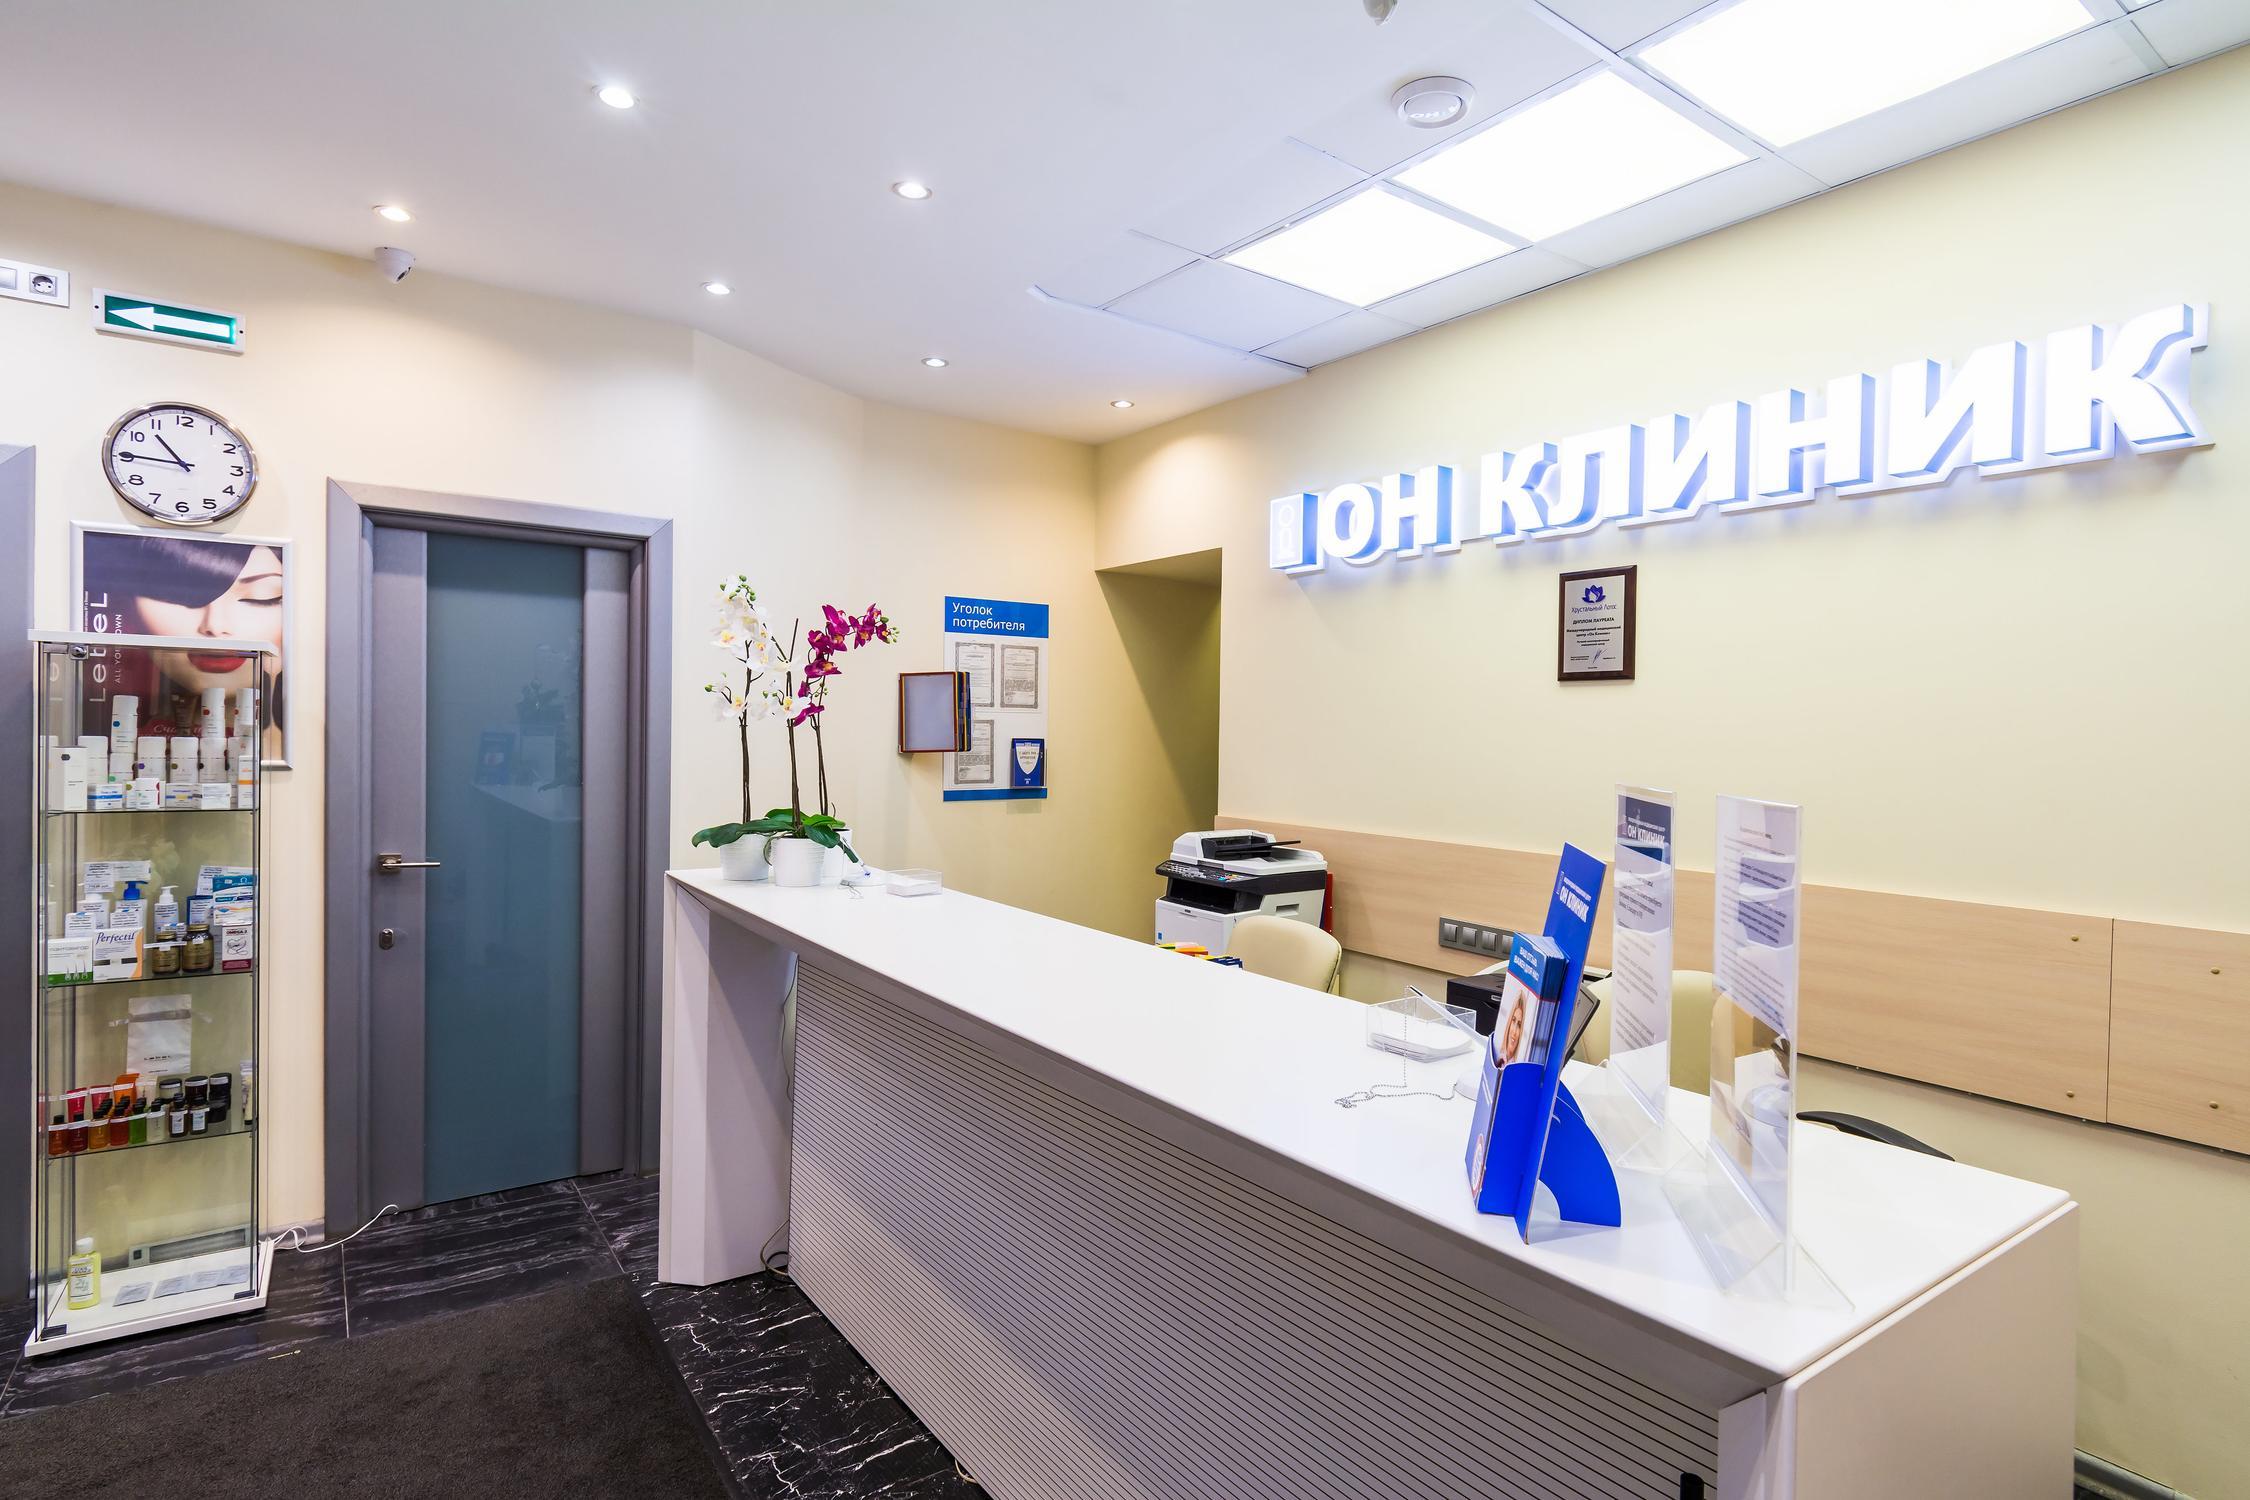 фотография Многопрофильного международного медицинского центра Он Клиник на метро Парк культуры